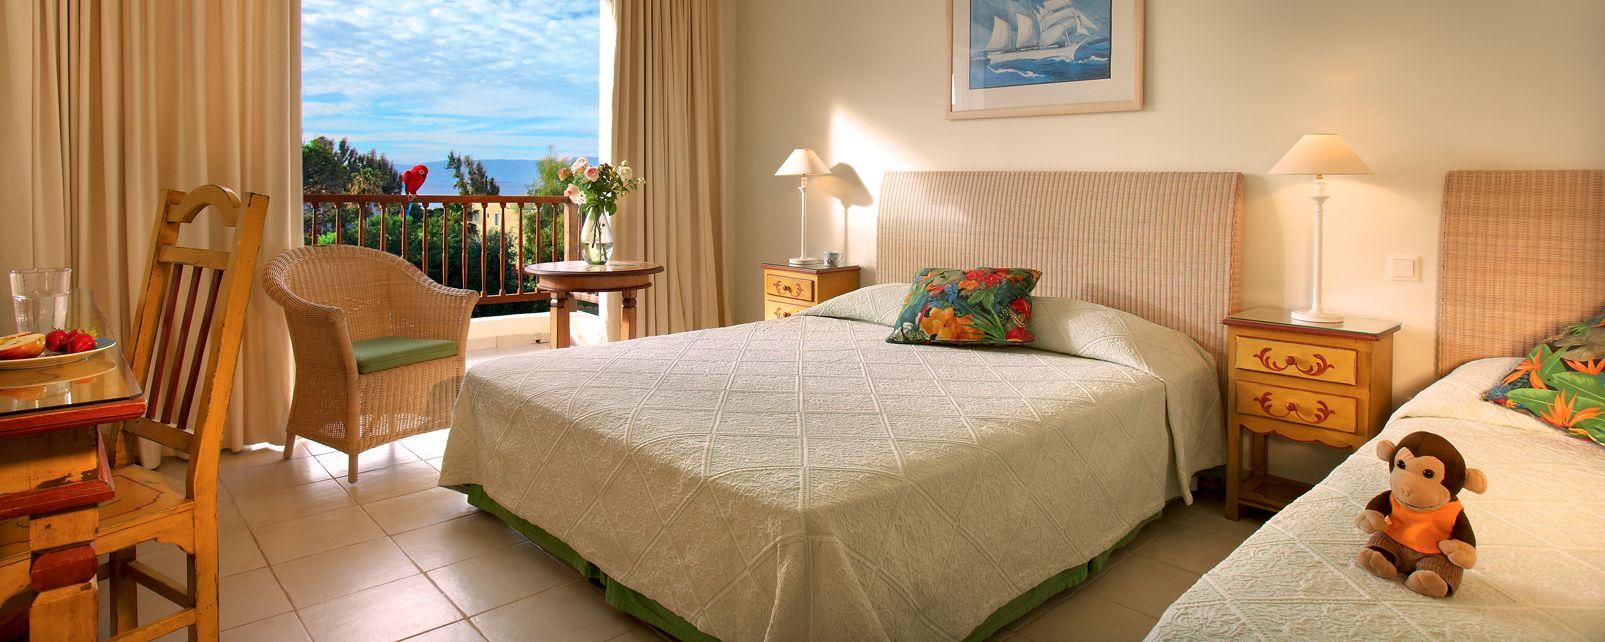 Hôtel Grecotel Lakopetra Beach